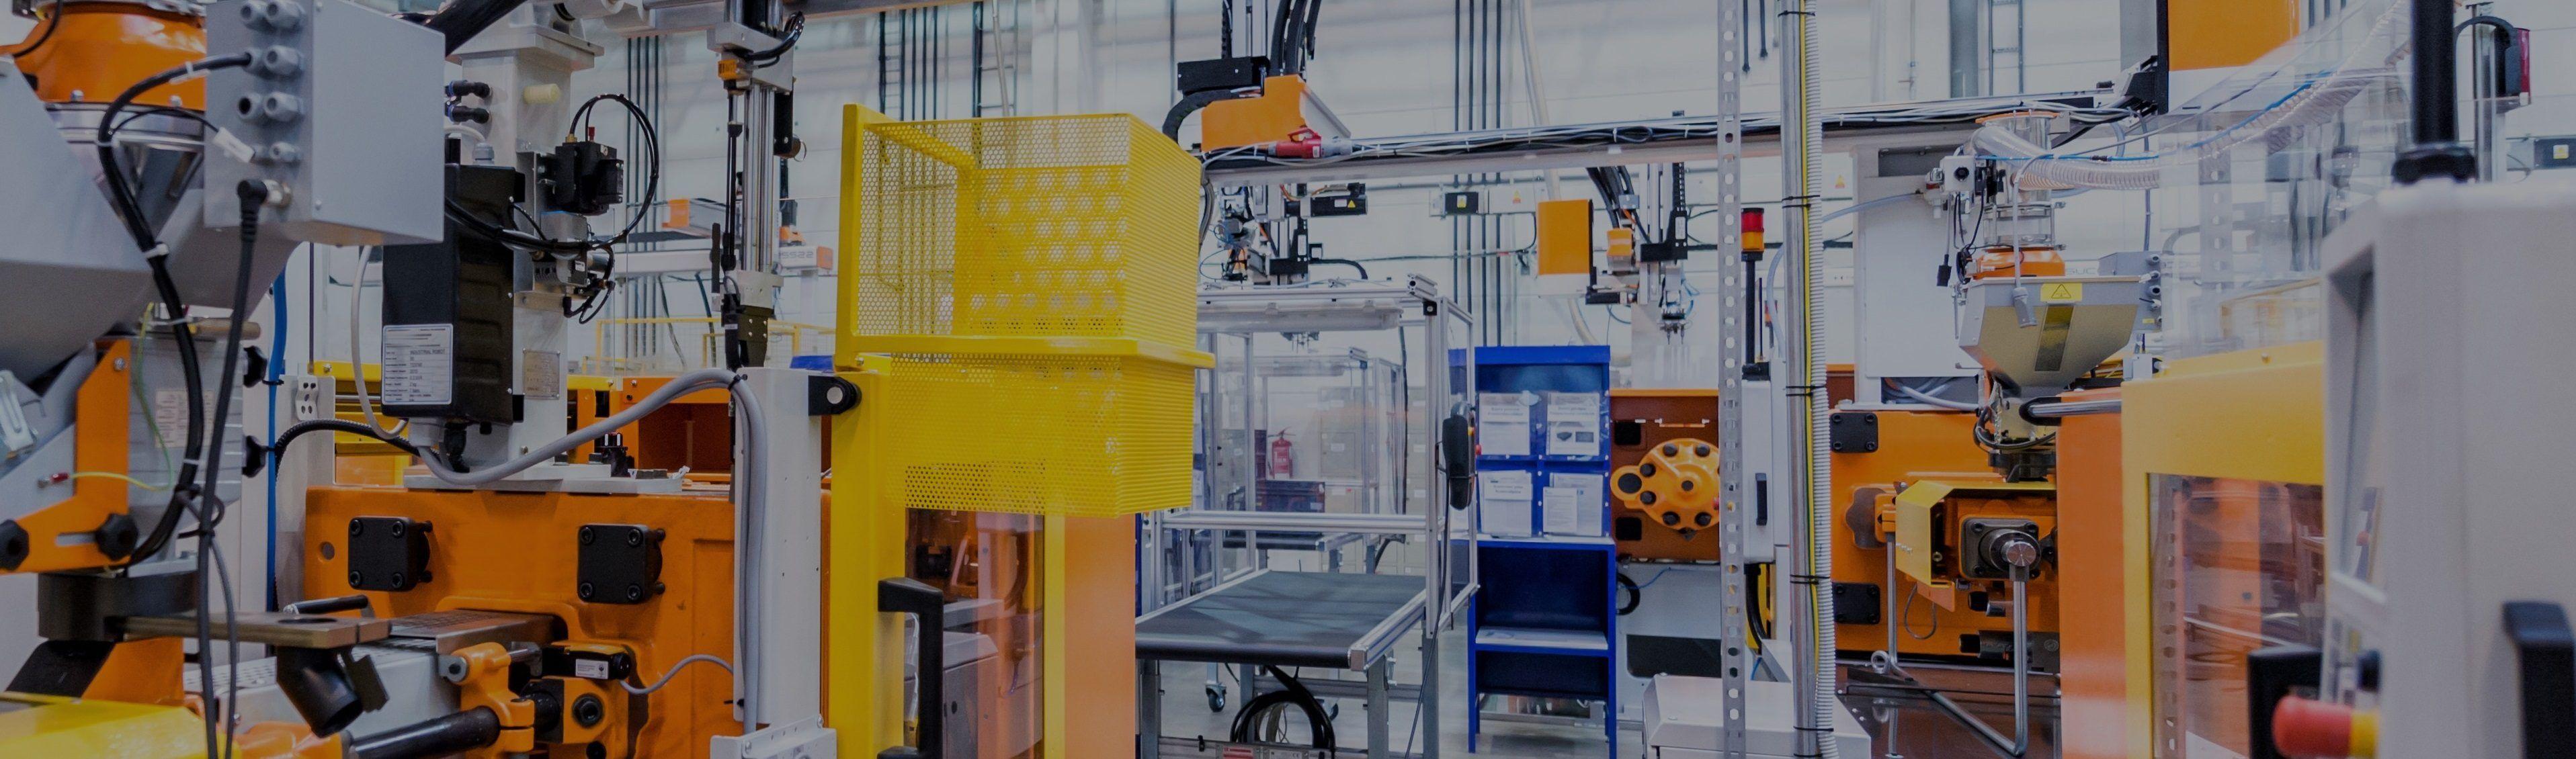 Nowoczesny model zarządzania produkcją w Fabryce Urządzeń Przemysłowych opracowany i wdrożony przy współpracy z itelligence